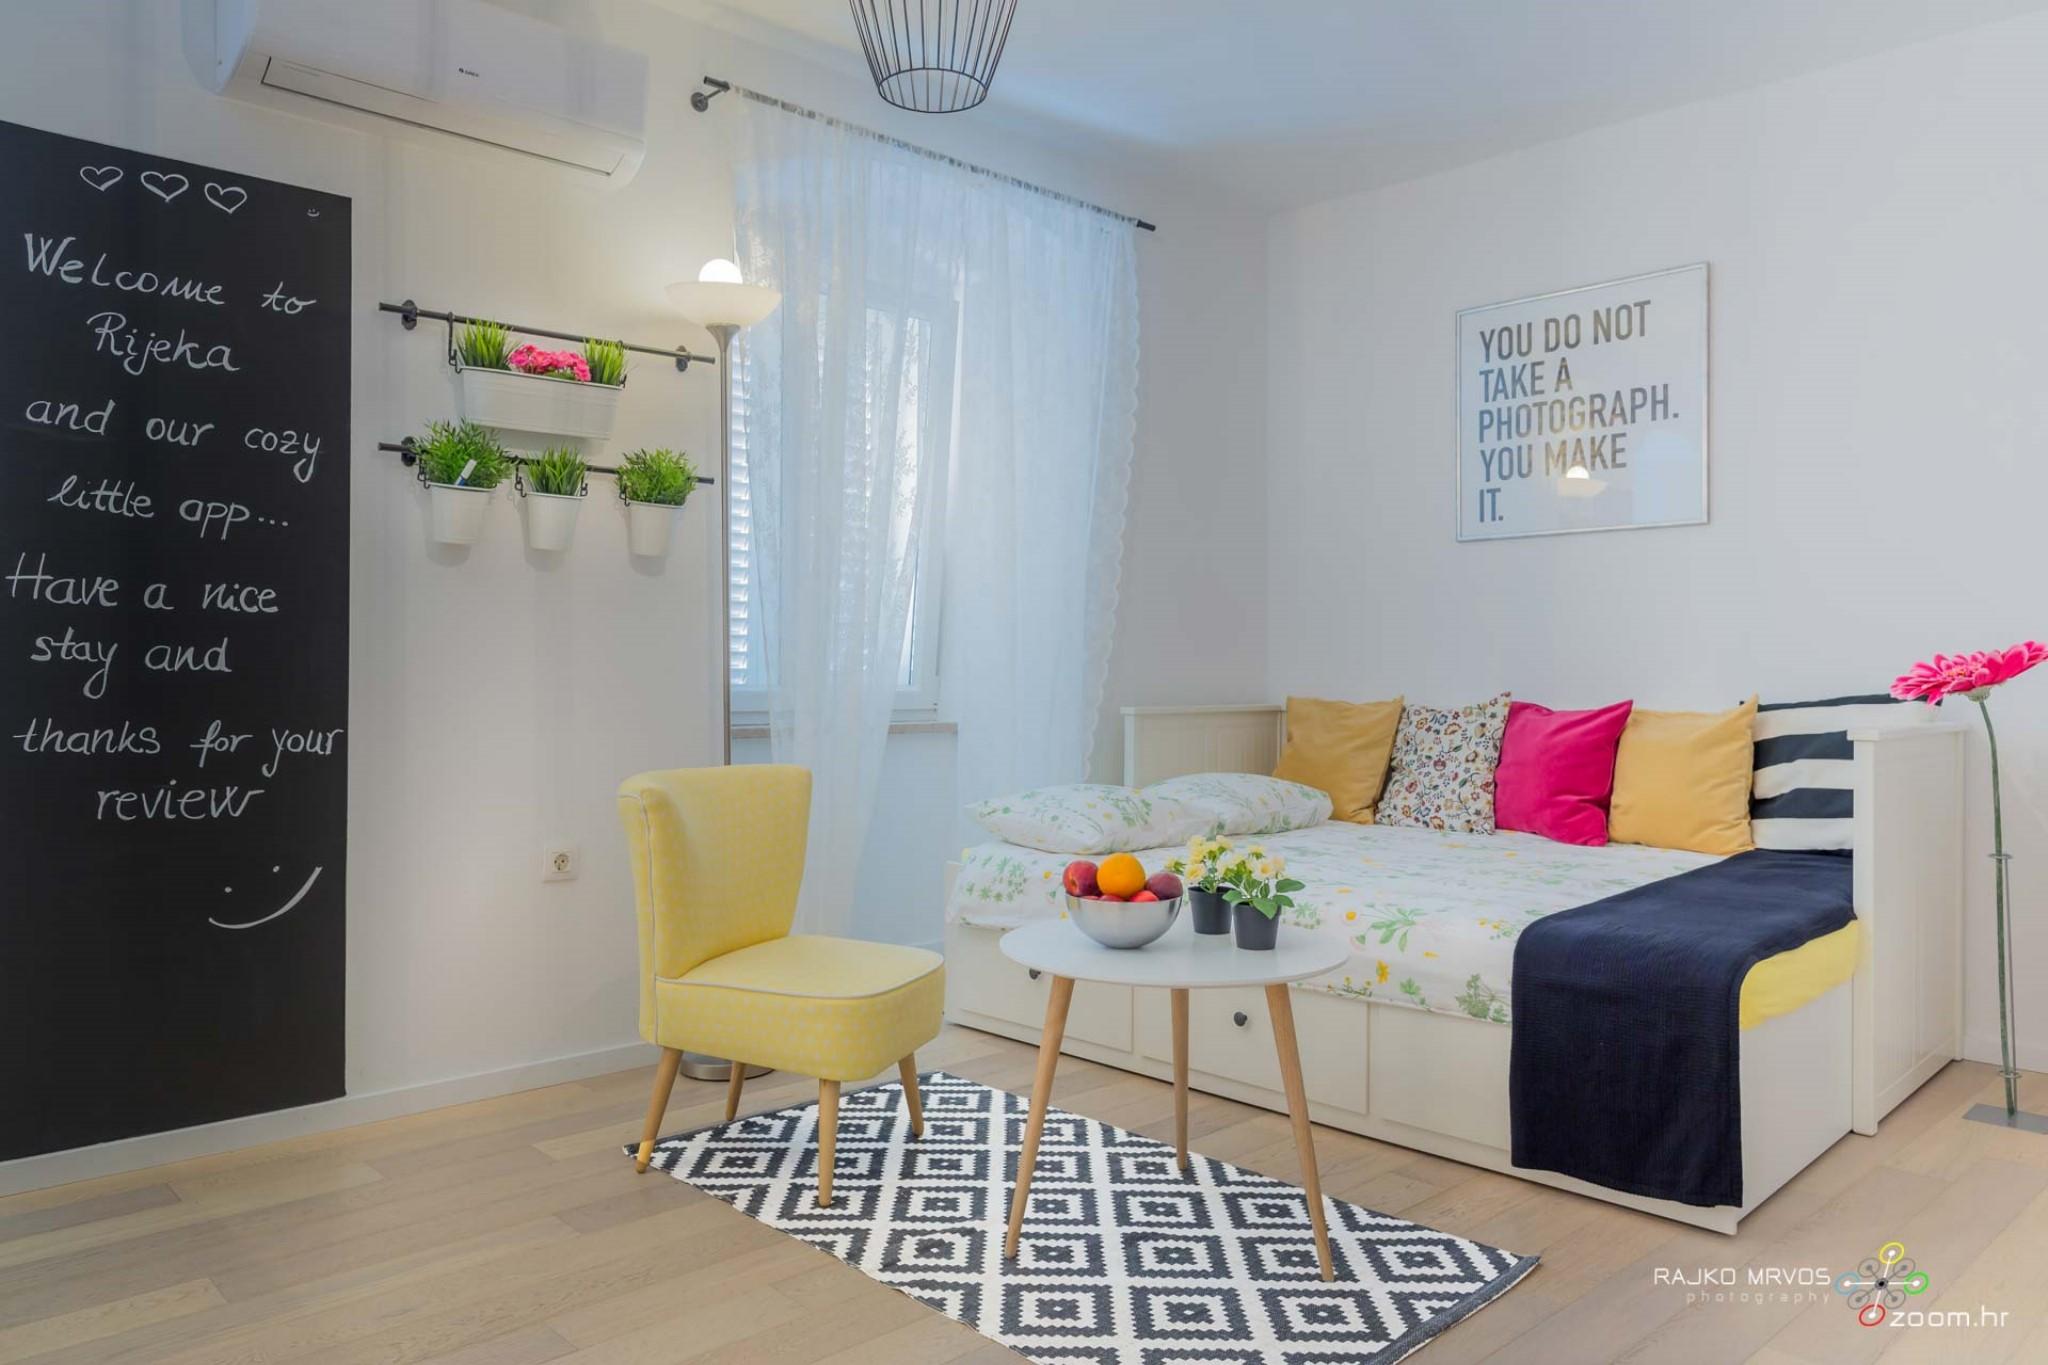 fotograf-interijera-fotograf-eksterijera-slikanje-apartmana-Central-Rijeka-Apartments-41